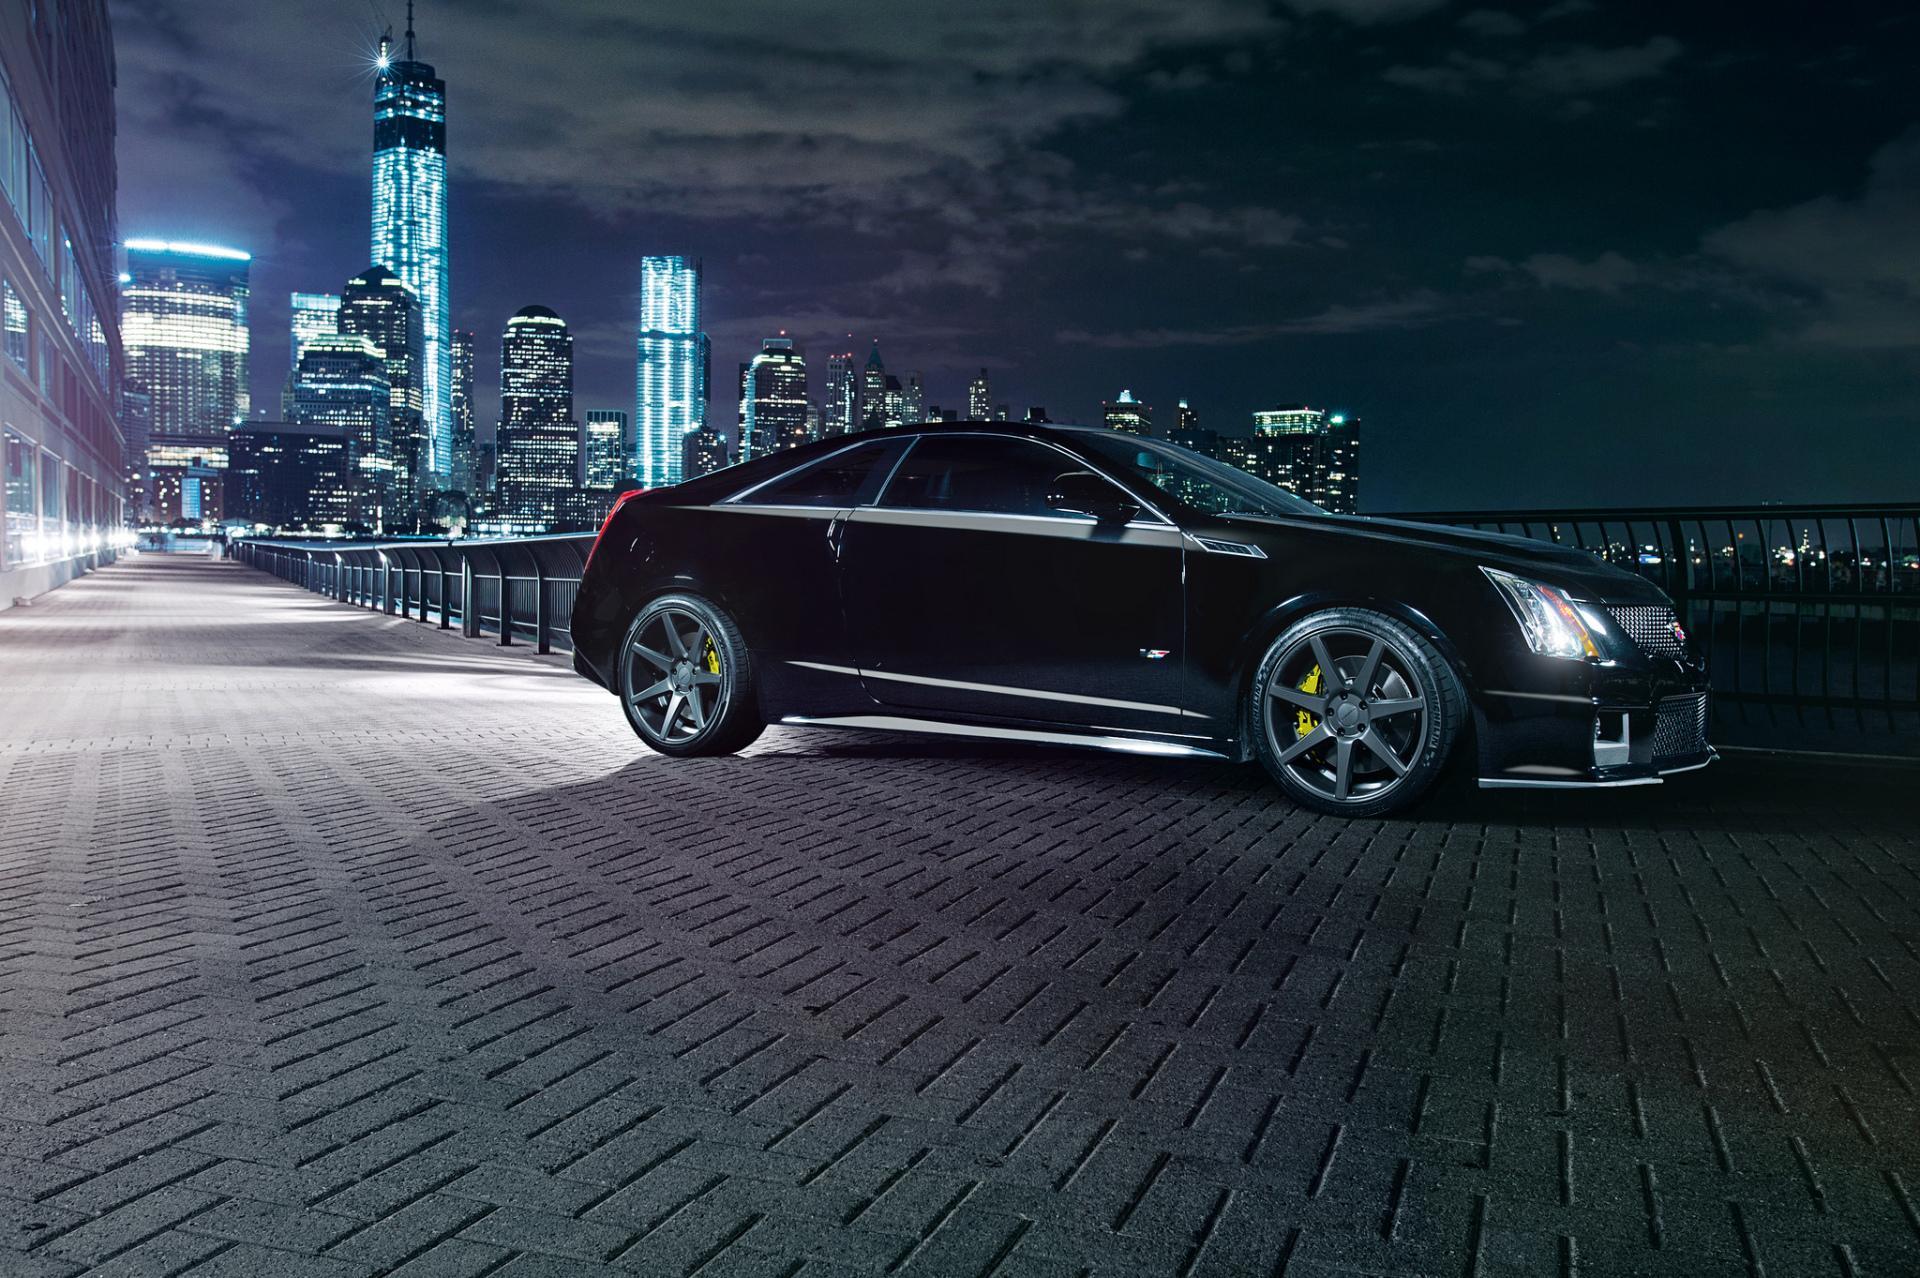 Cadillac cts v wallpaper hd download - Cadillac wallpaper ...